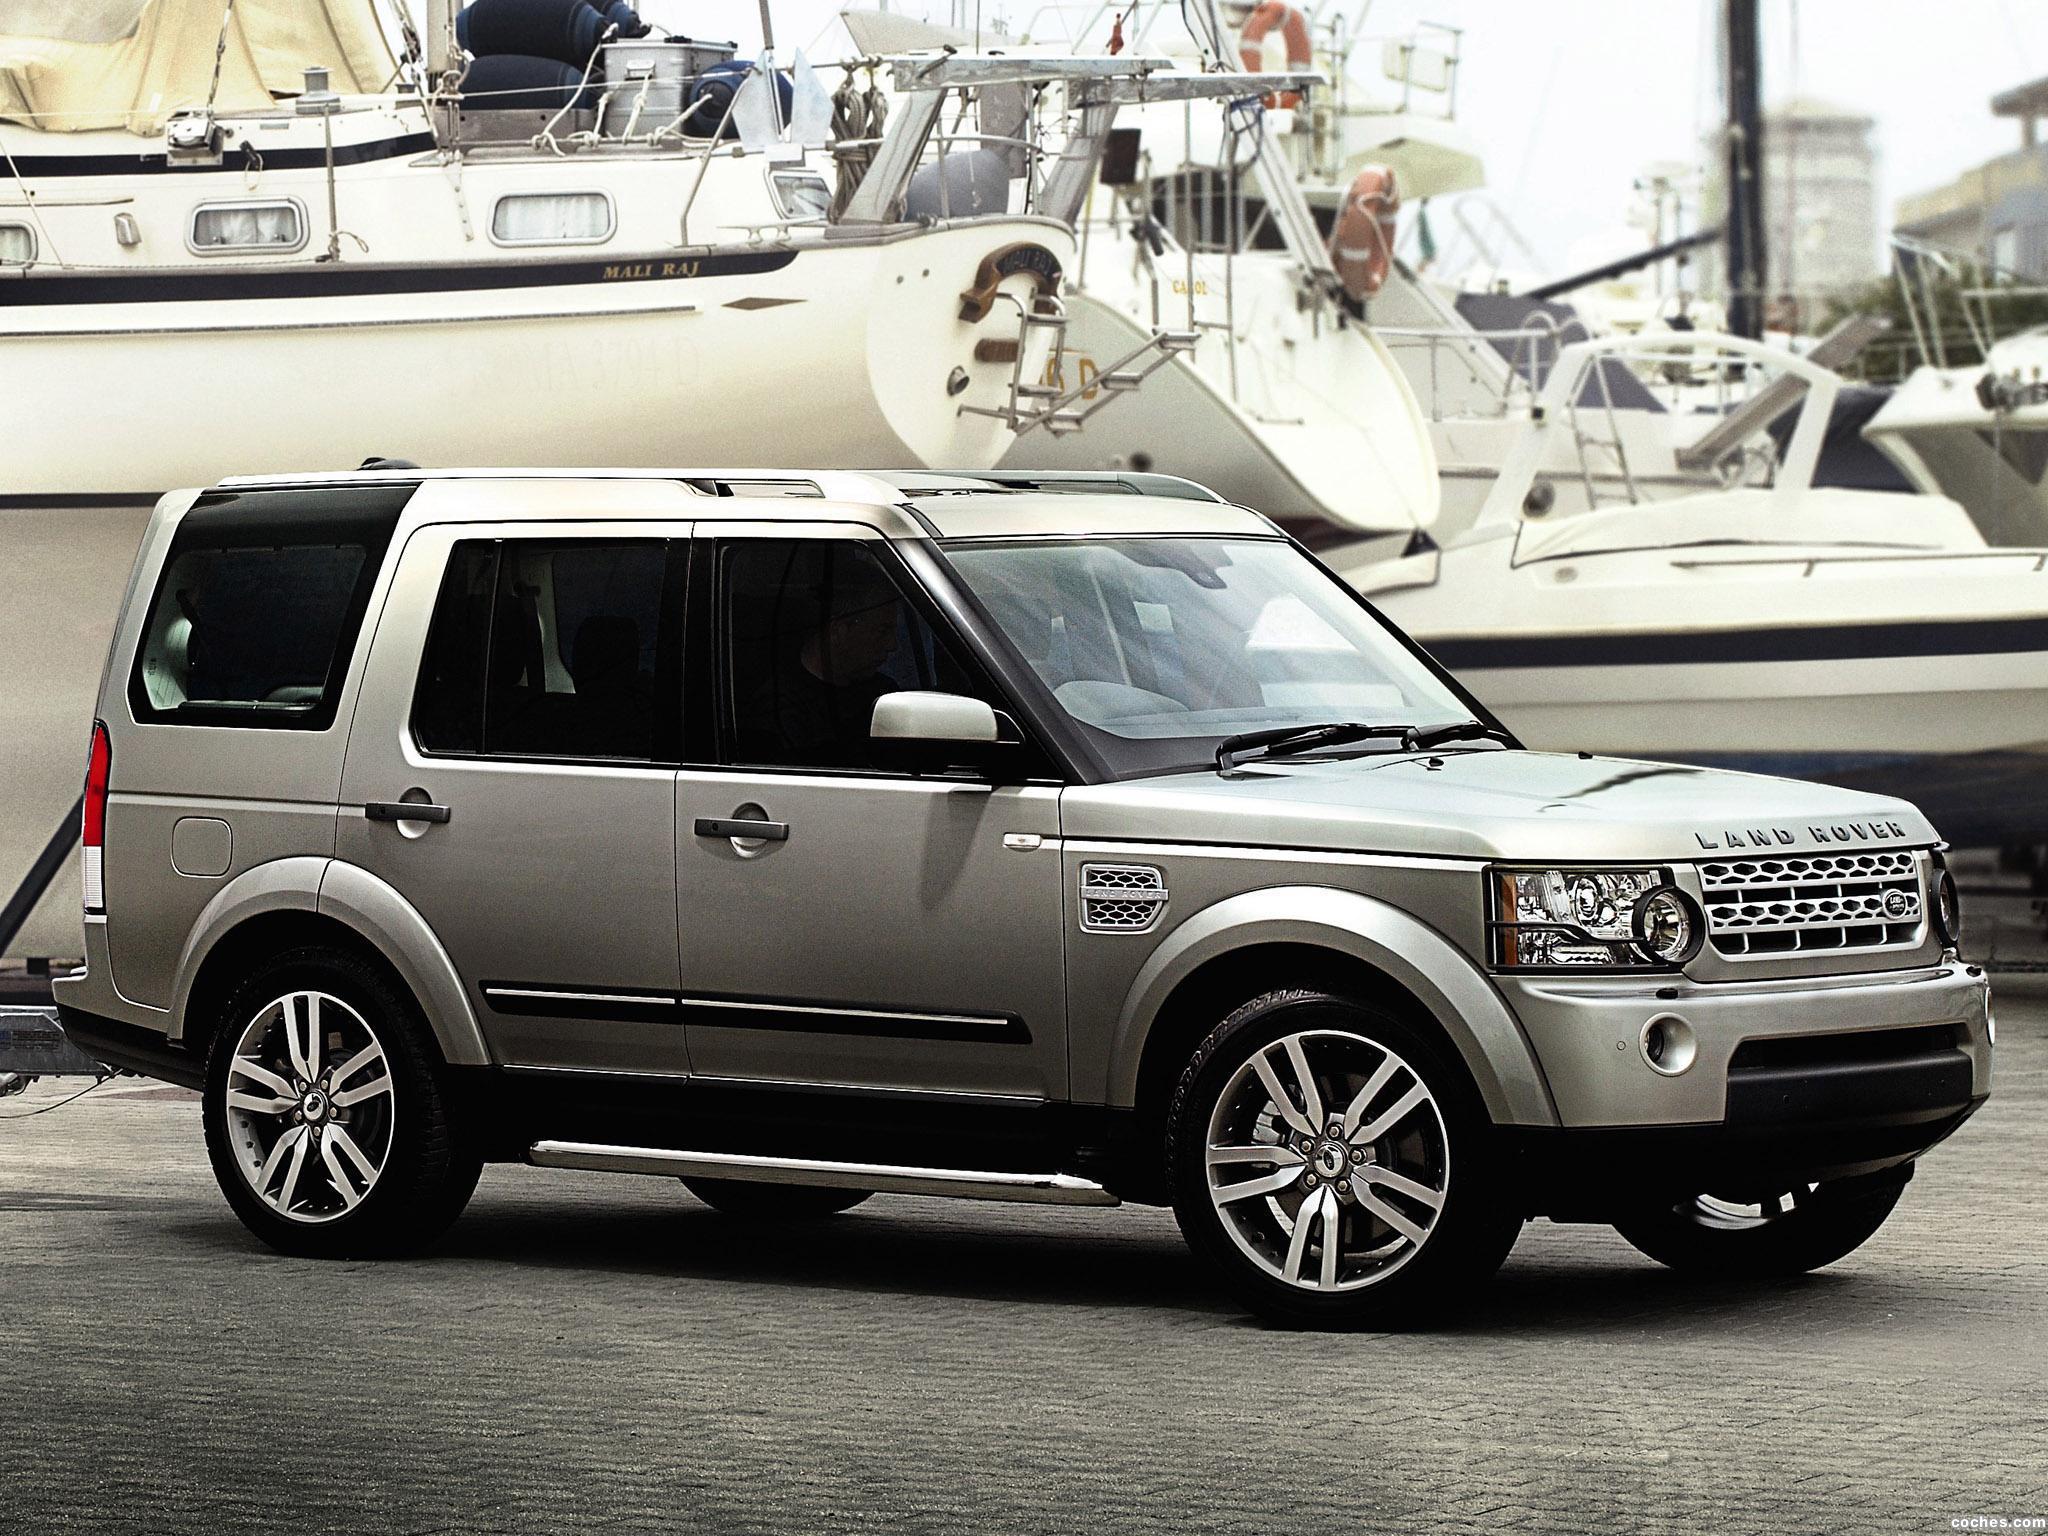 Foto 0 de Land Rover Discovery 4 2011